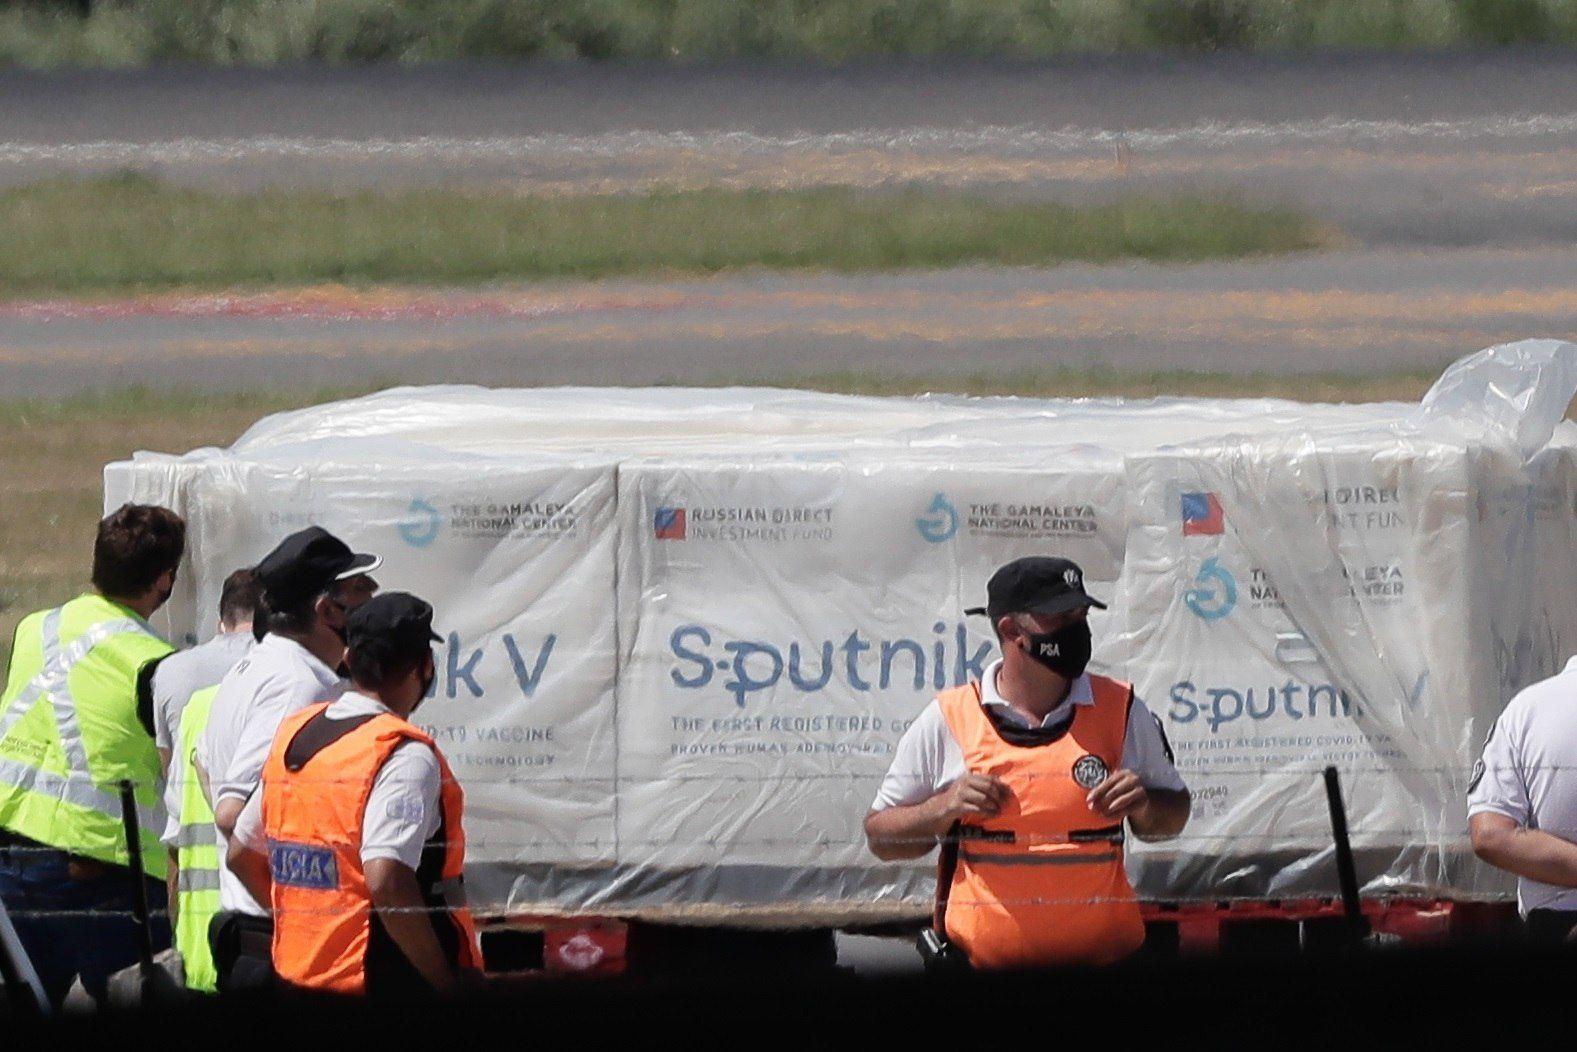 Ayer por la mañana llegaron las primeras 300 mil dosis de la Sputnik V al país